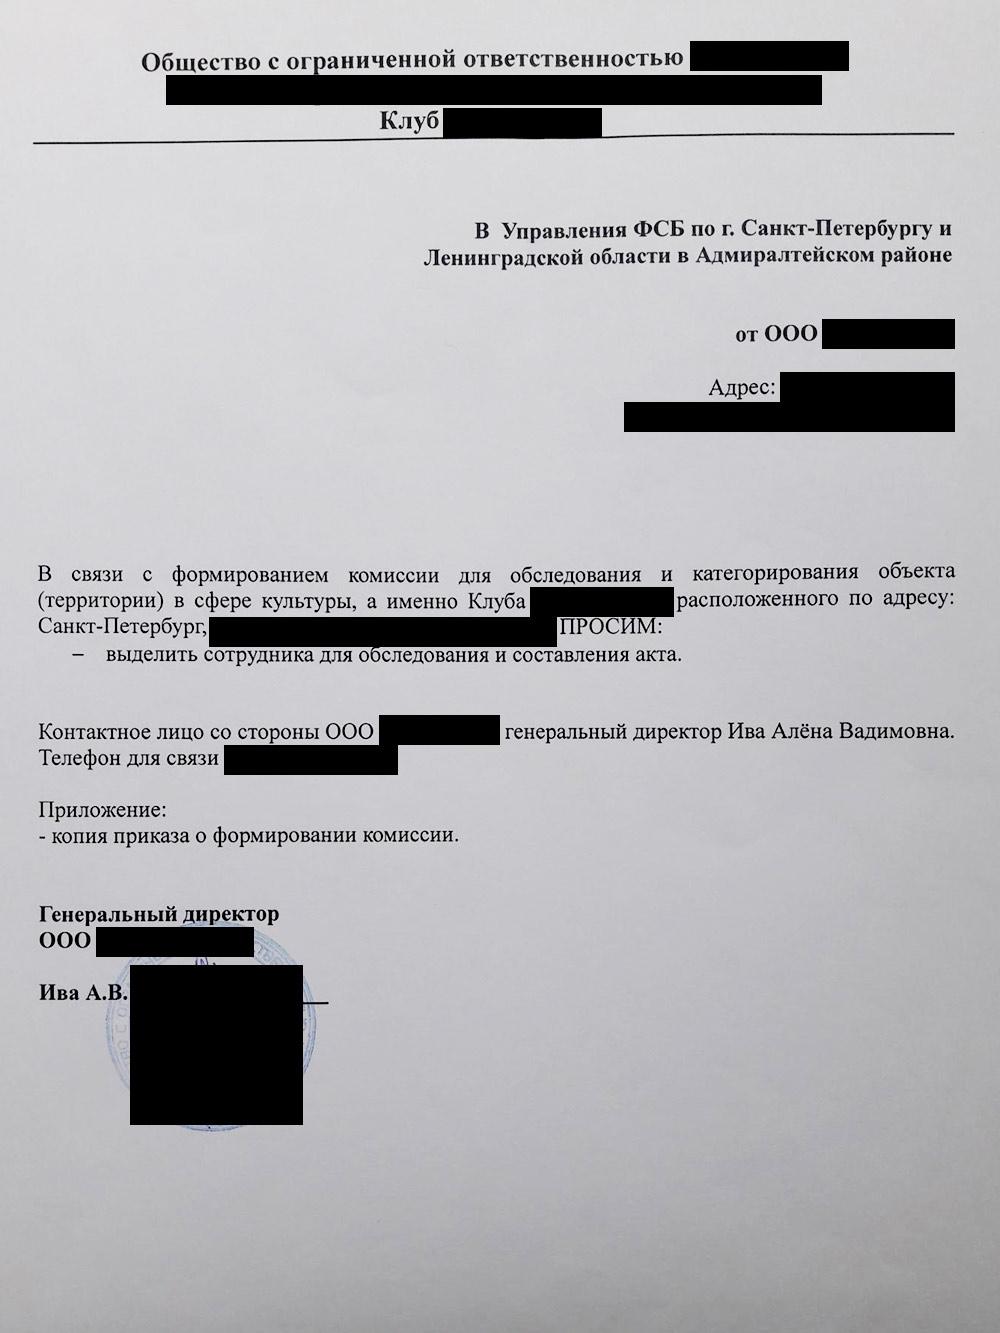 Письмо в отделение ФСБ с просьбой выделить сотрудника для обследования